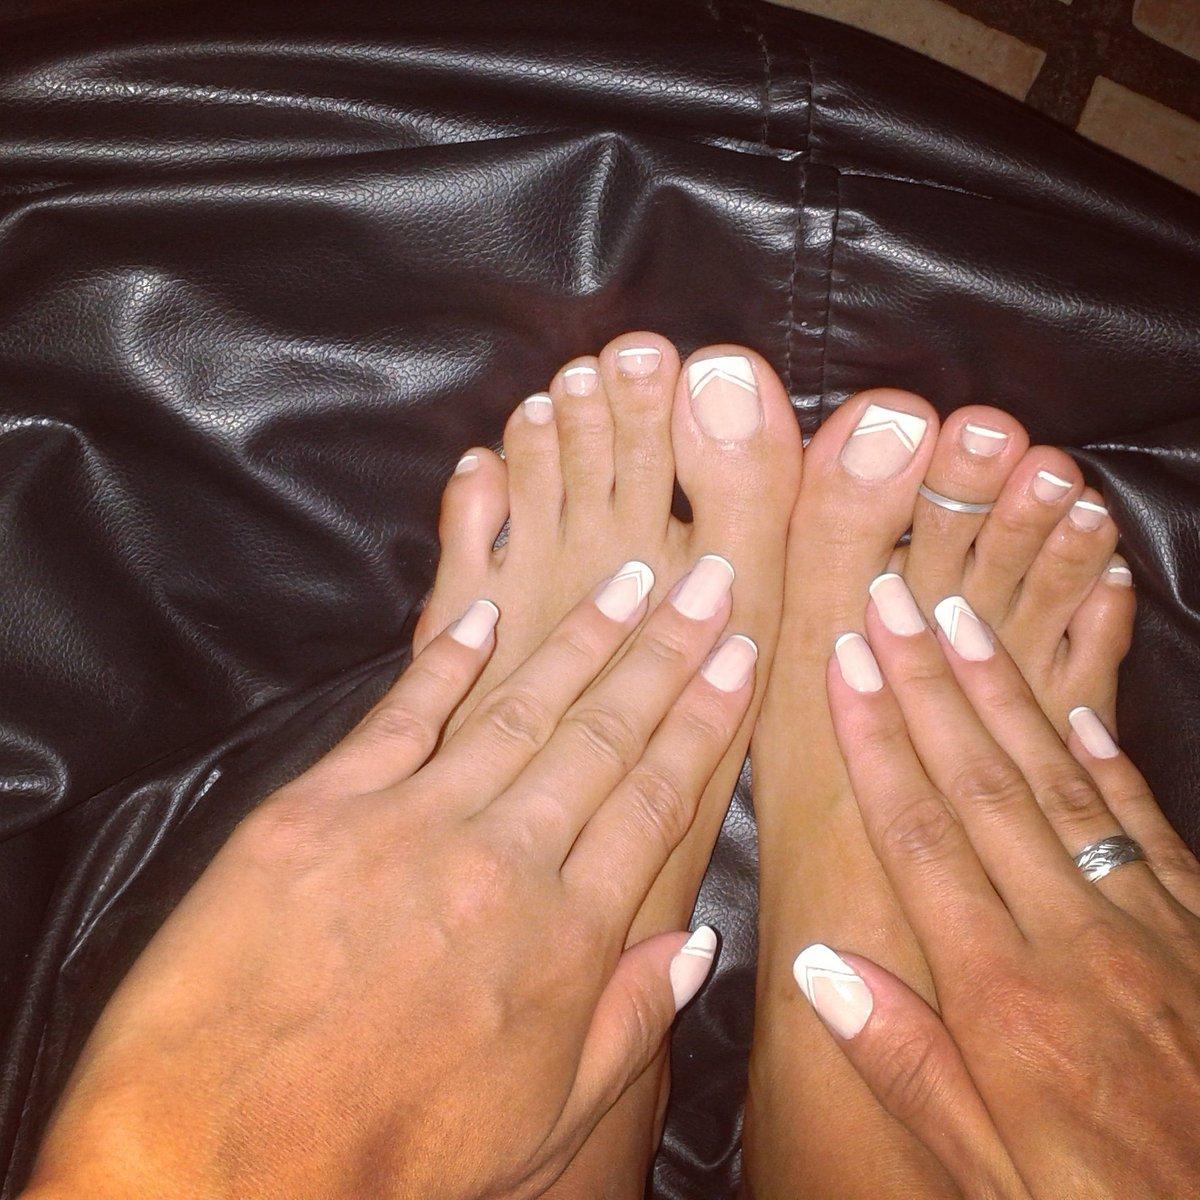 latinas pies